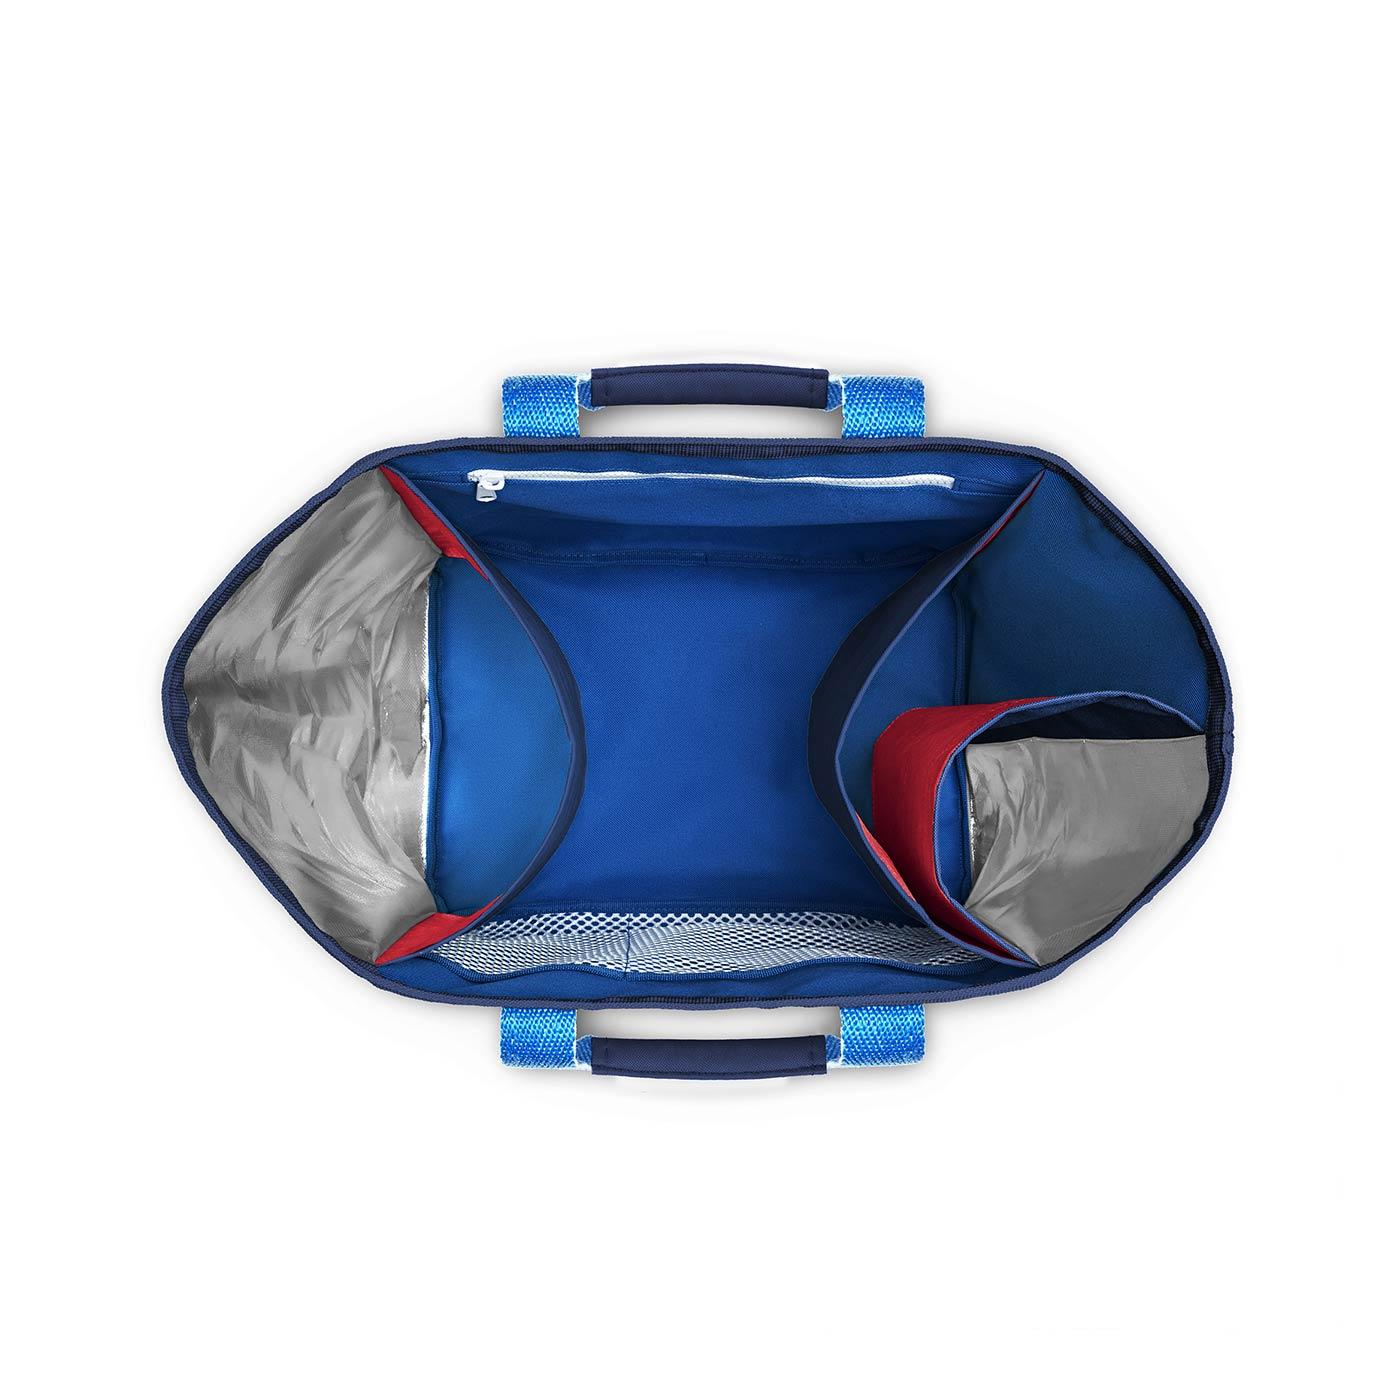 Сумка для покупок Reisenthel RE-SHOPPER, 56 х 32 х24 см, темно-синий Reisenthel DJ 4005 фото 2